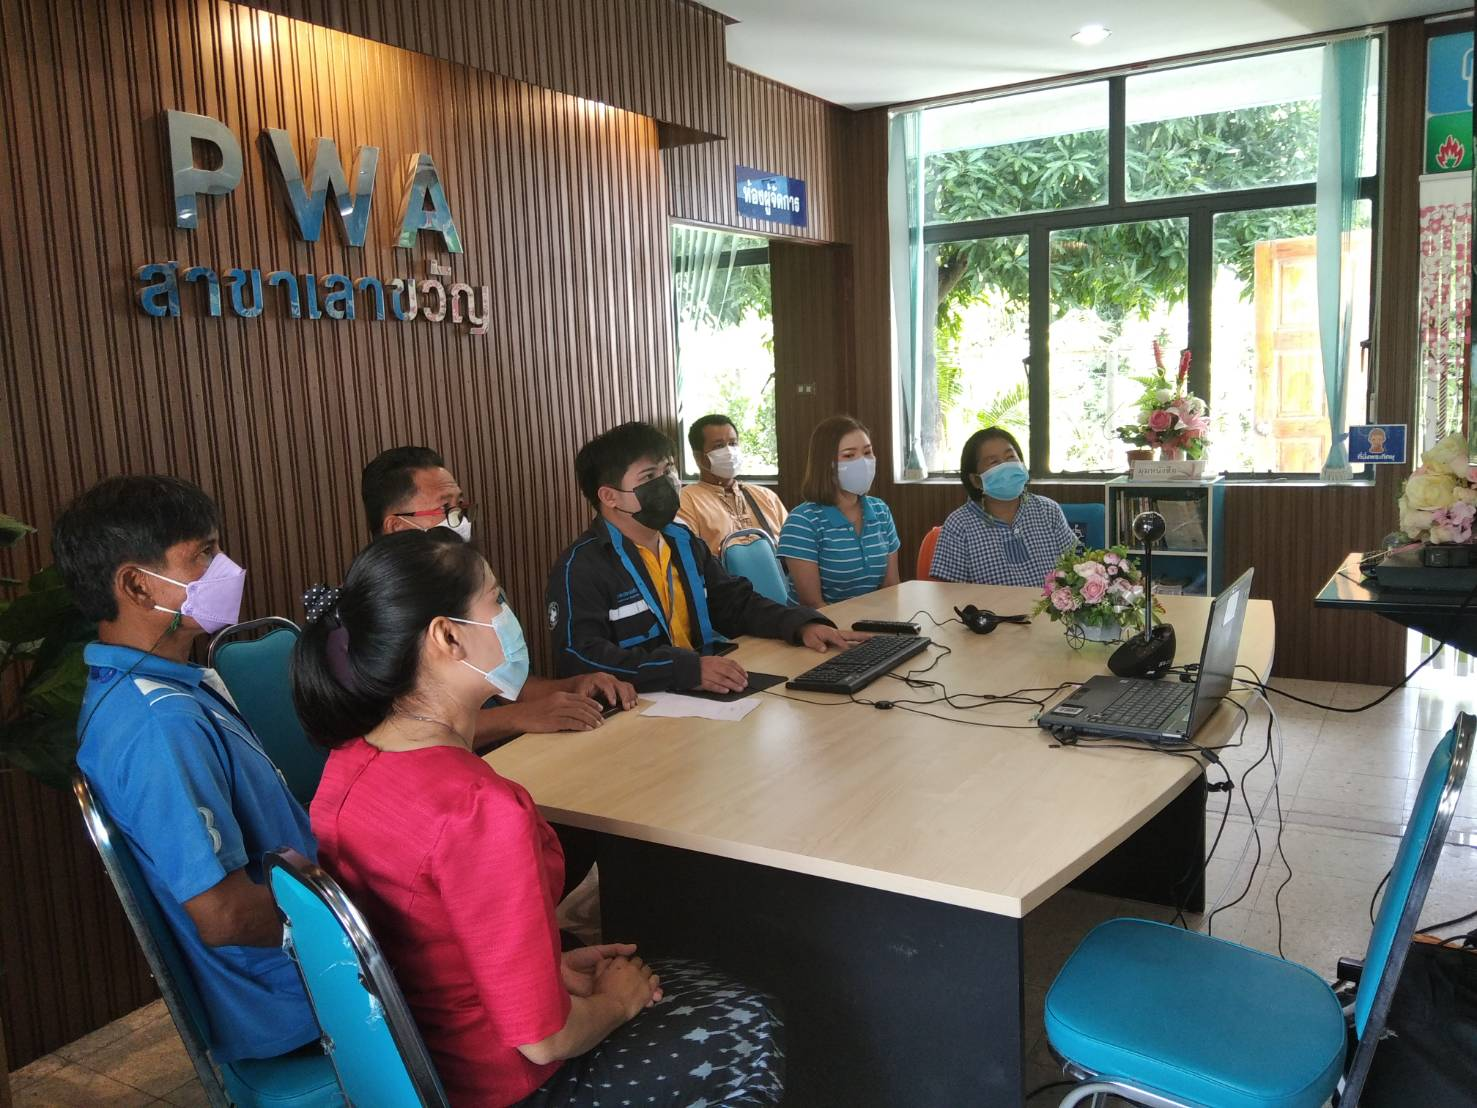 การประปาส่วนภูมิภาคสาขาเลาขวัญ เข้าร่วมประชุมศึกษาดูงานด้านการตลาดและการให้บริการลูกค้าของการไฟฟ้านครหลวง ผ่านระ